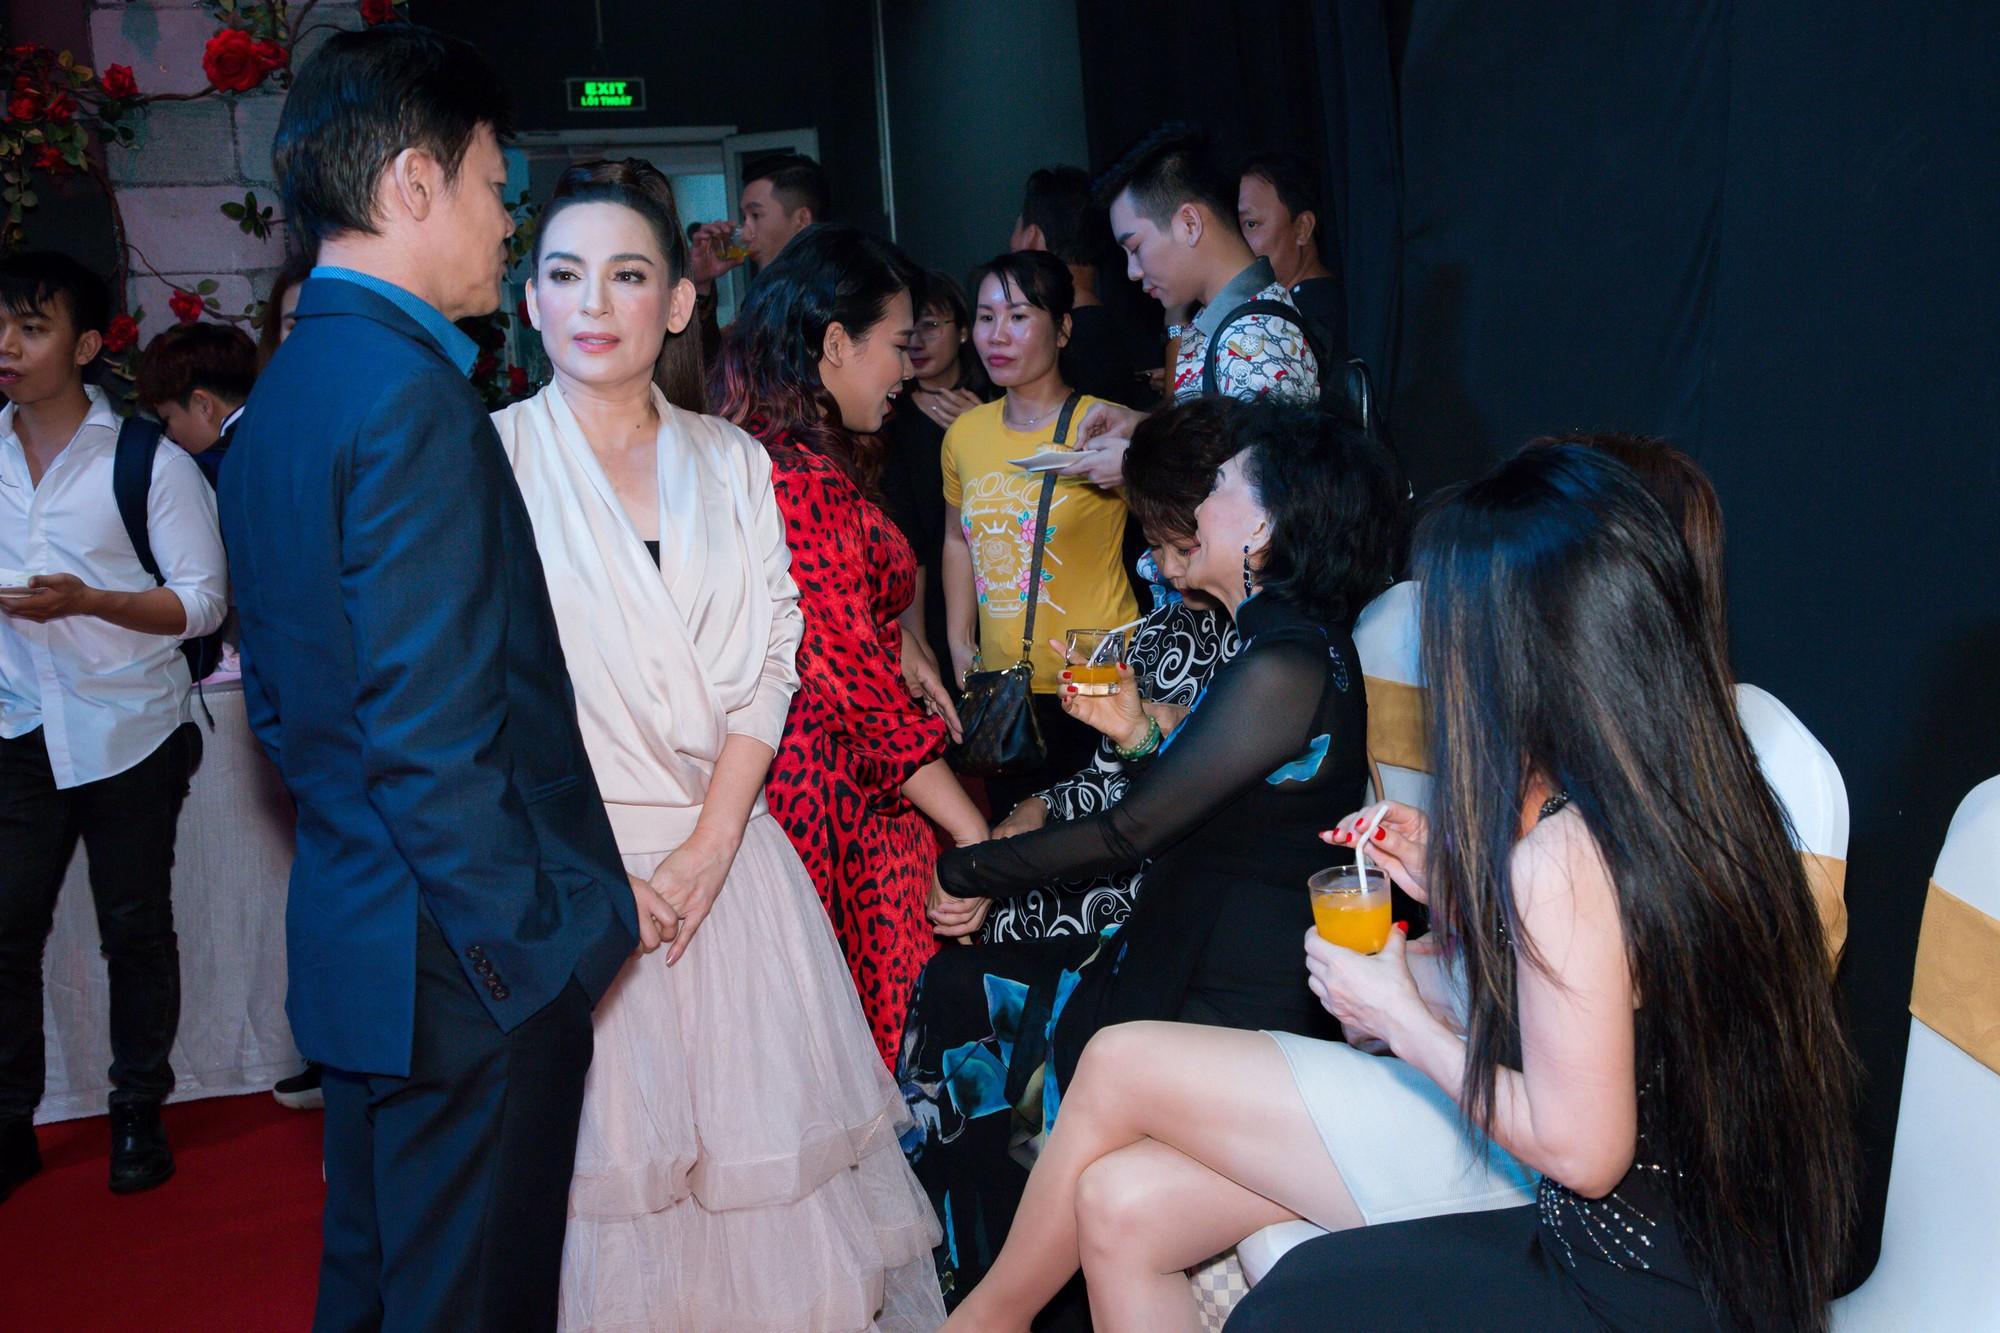 Từng thề không nhìn mặt, Phi Nhung nói gì khi ngồi ghế nóng cùng danh ca Phương Dung? - Ảnh 4.